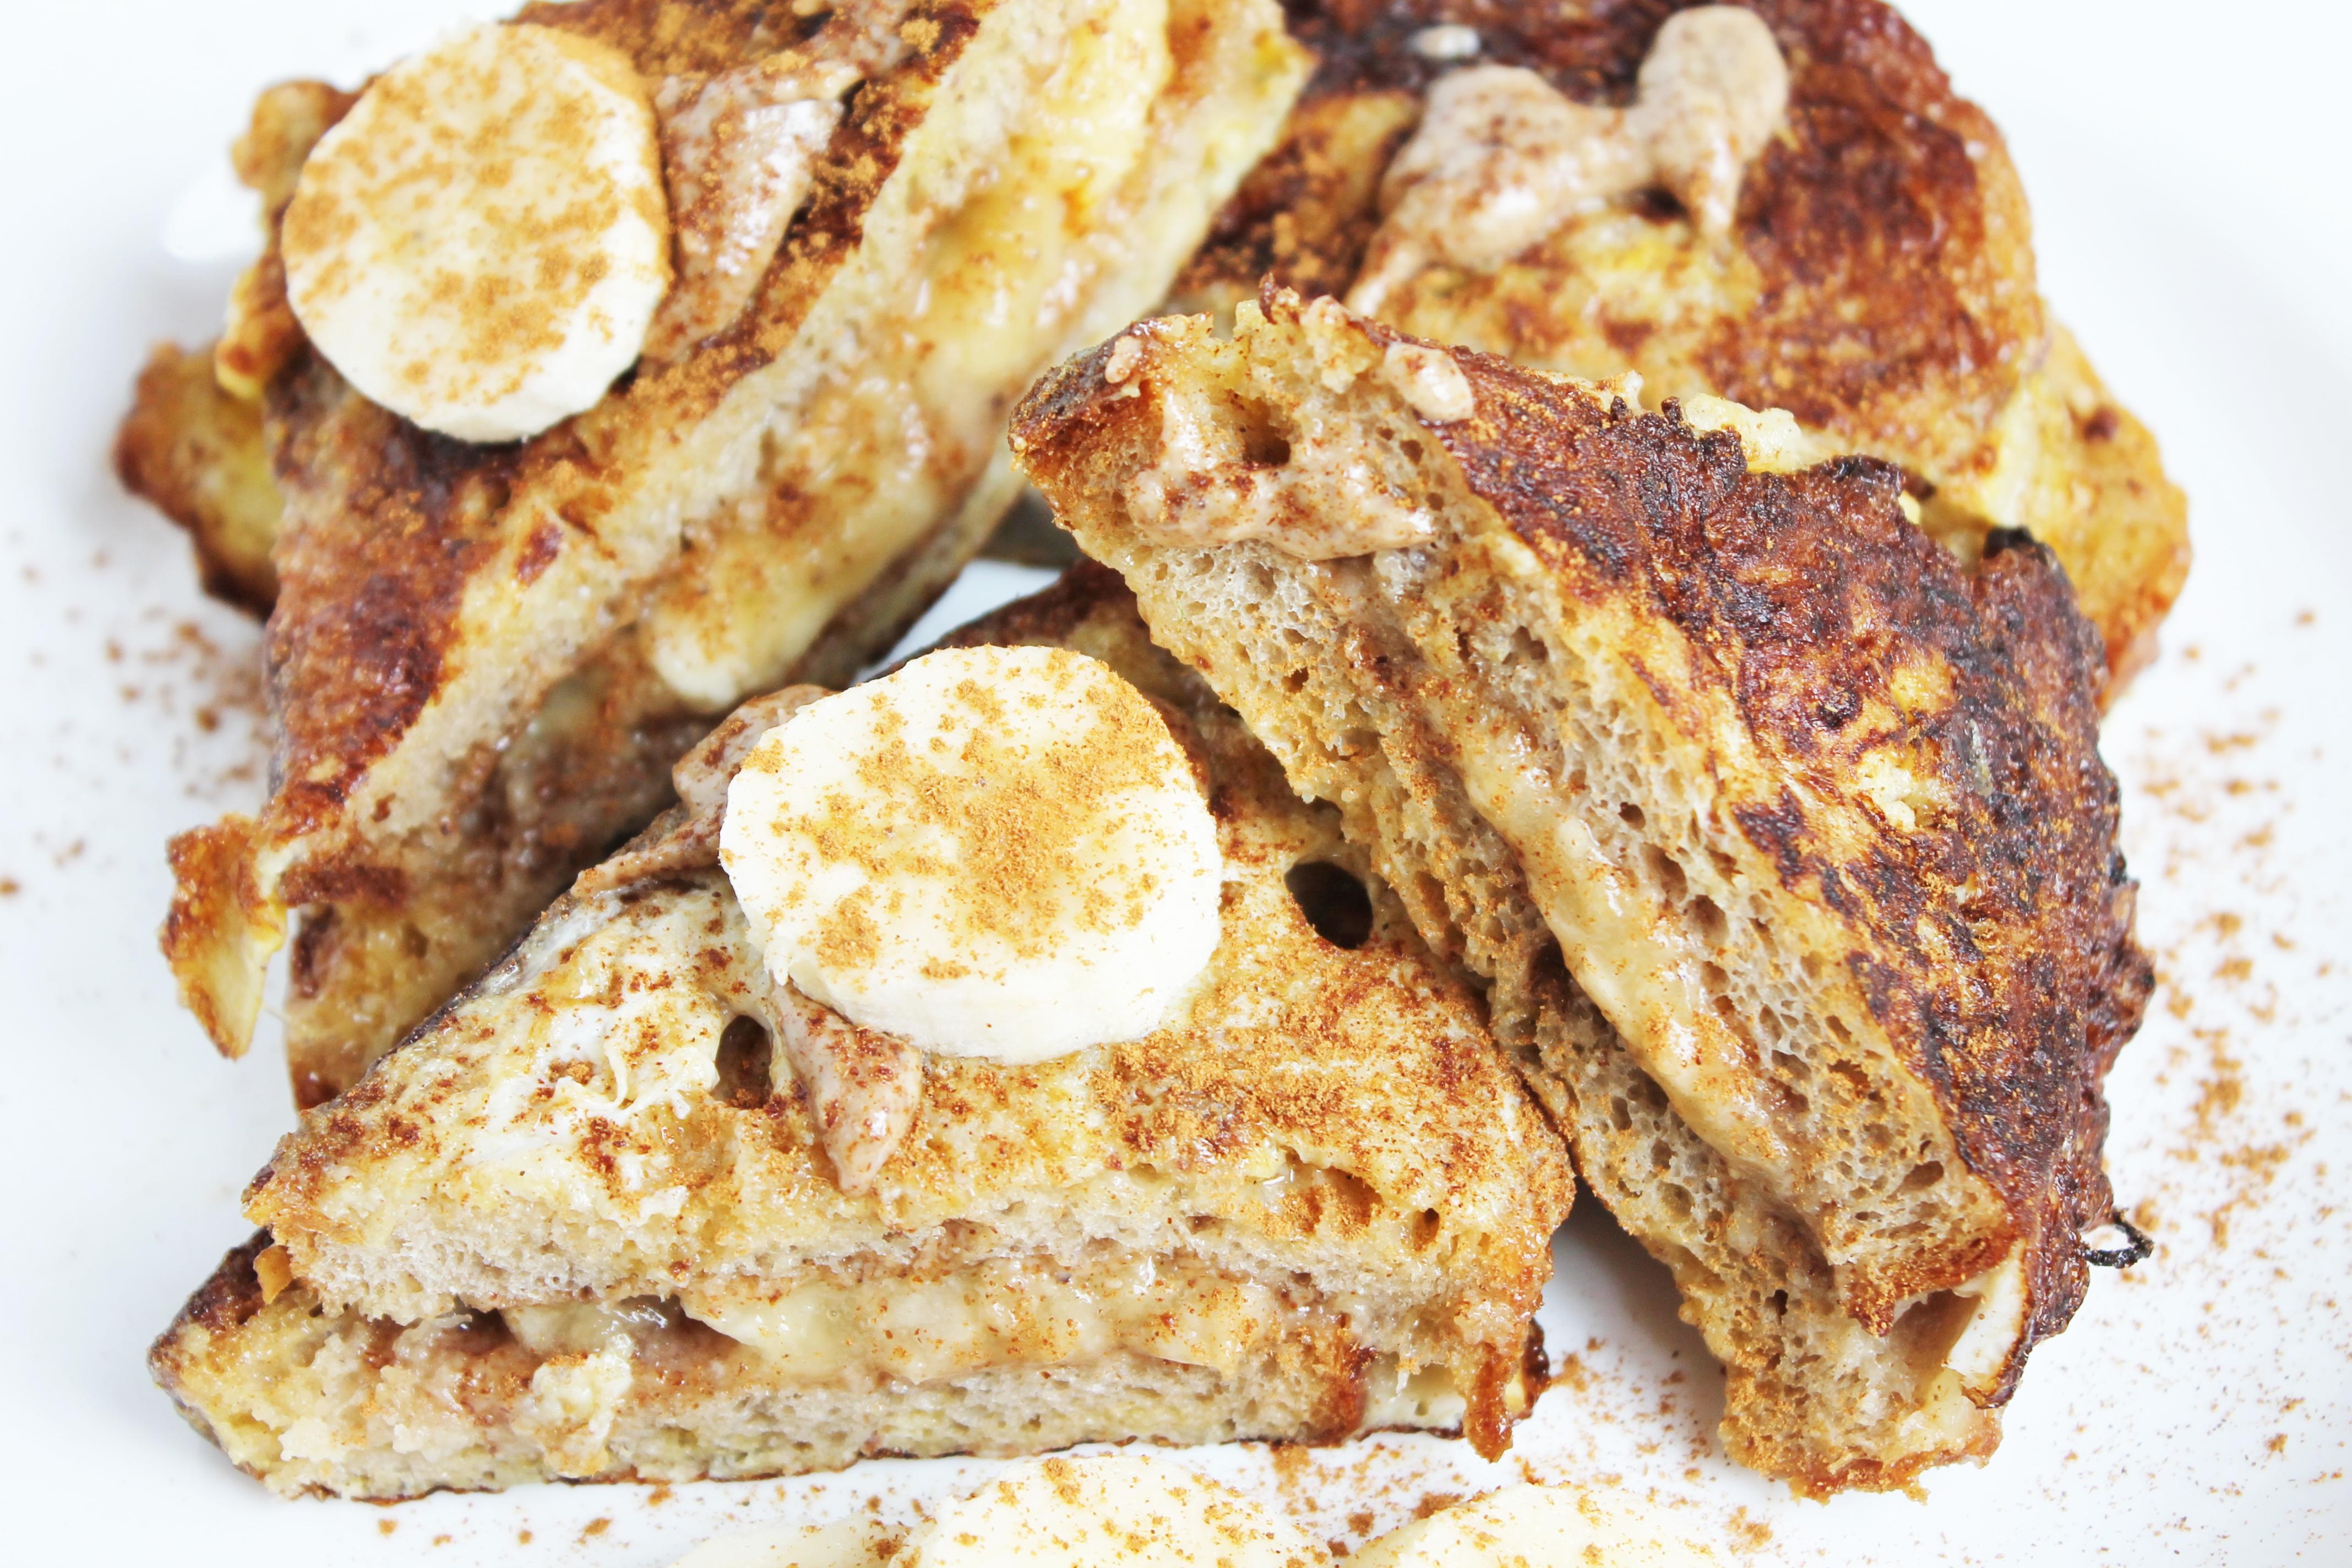 French Toast mit Banane und Mandelbutter